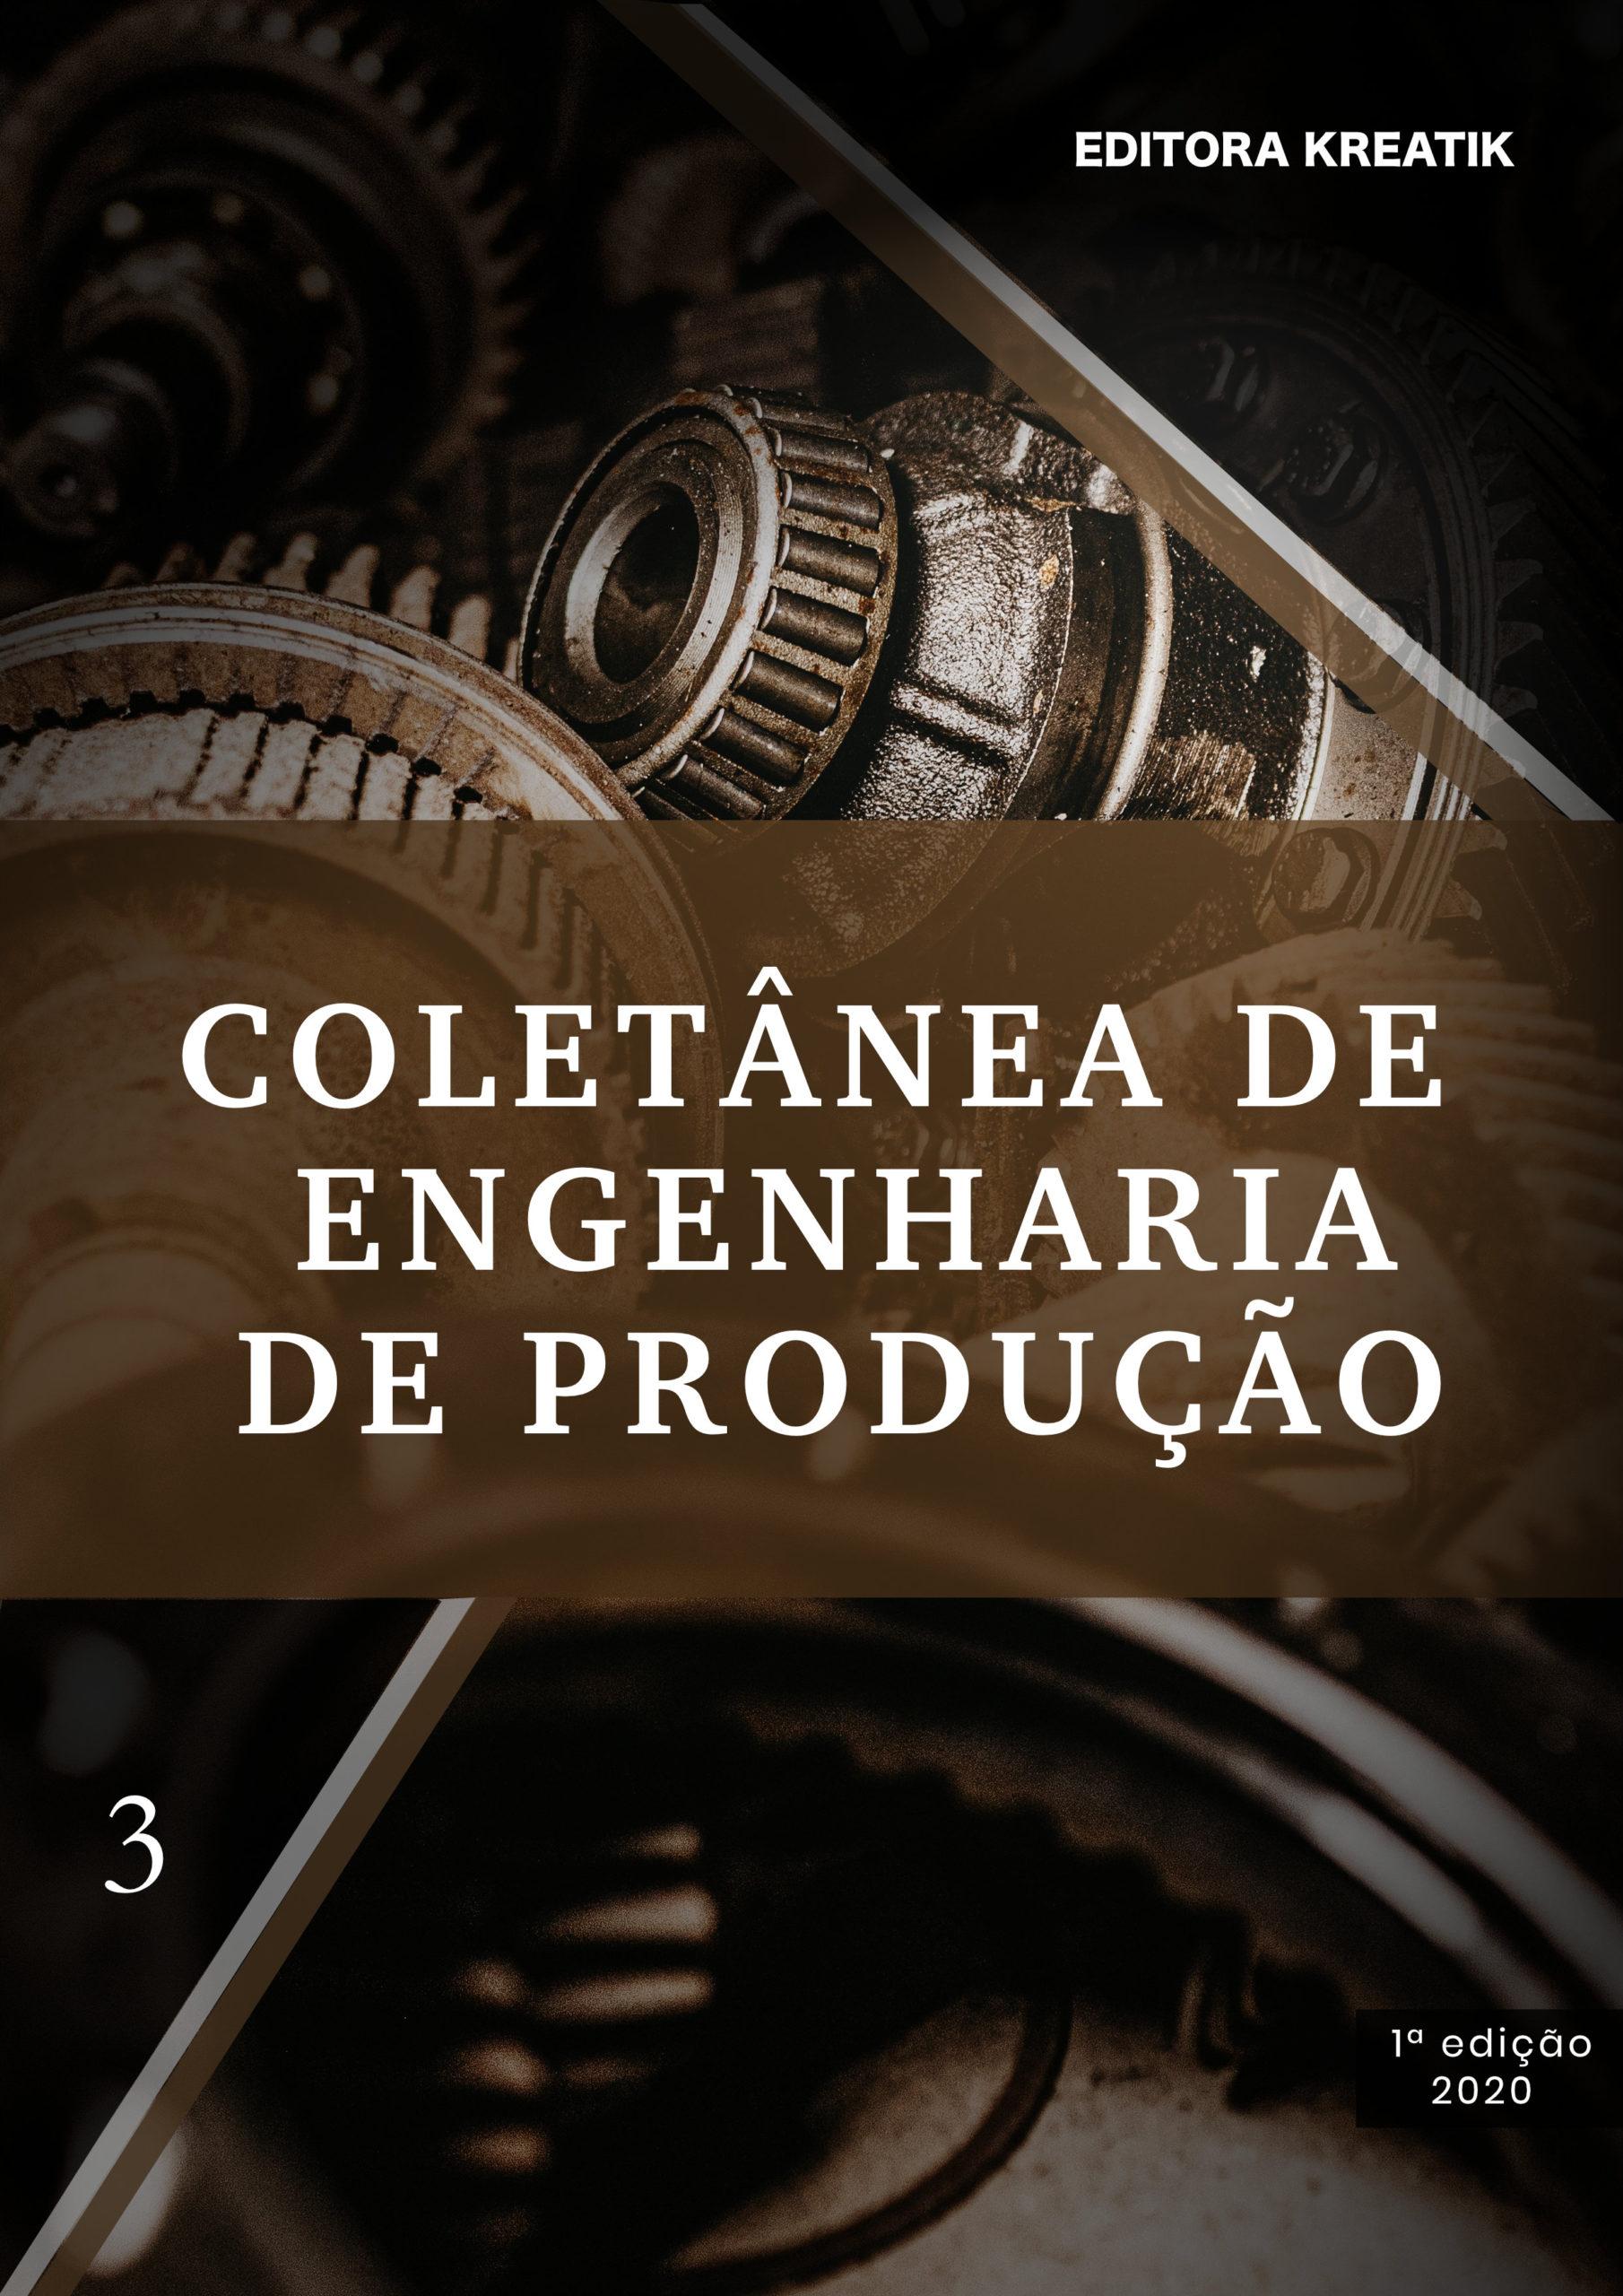 Coletânea de Engenharia de Produção 3